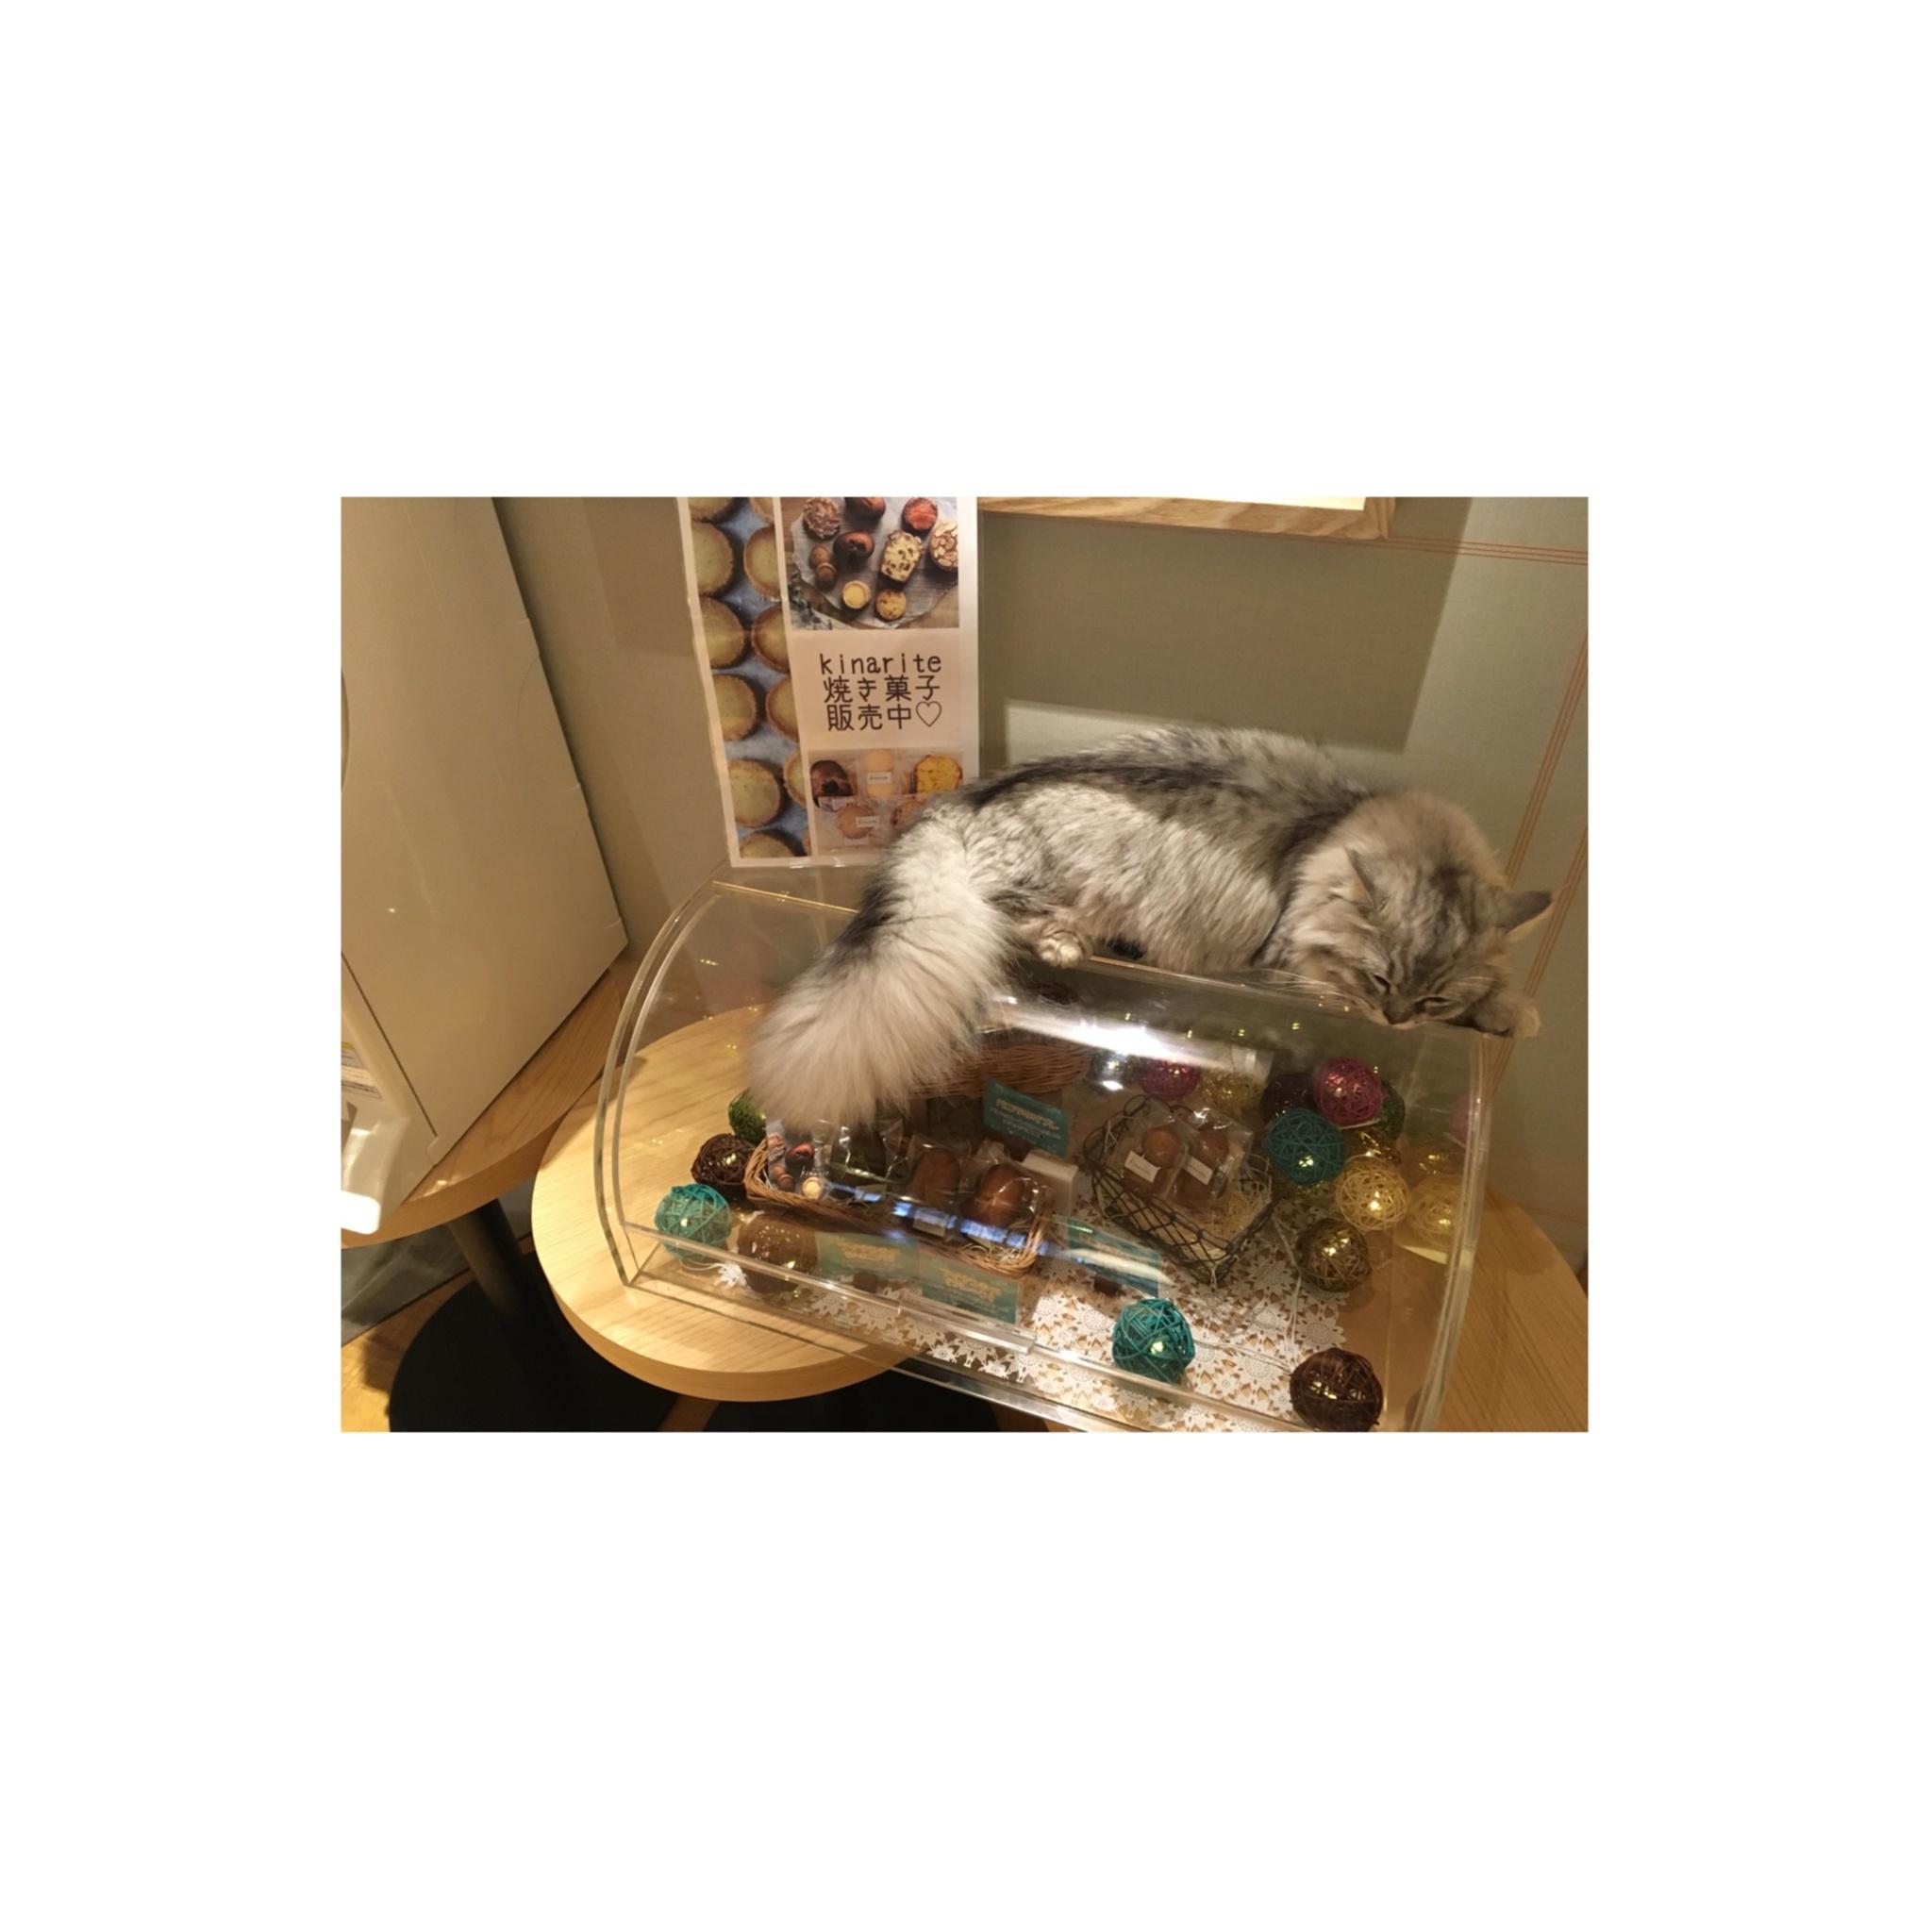 【GWはここで決まり!】日本最大級の猫カフェが新宿に⁈オシャレなラウンジカフェで可愛い猫たちに癒される!_6